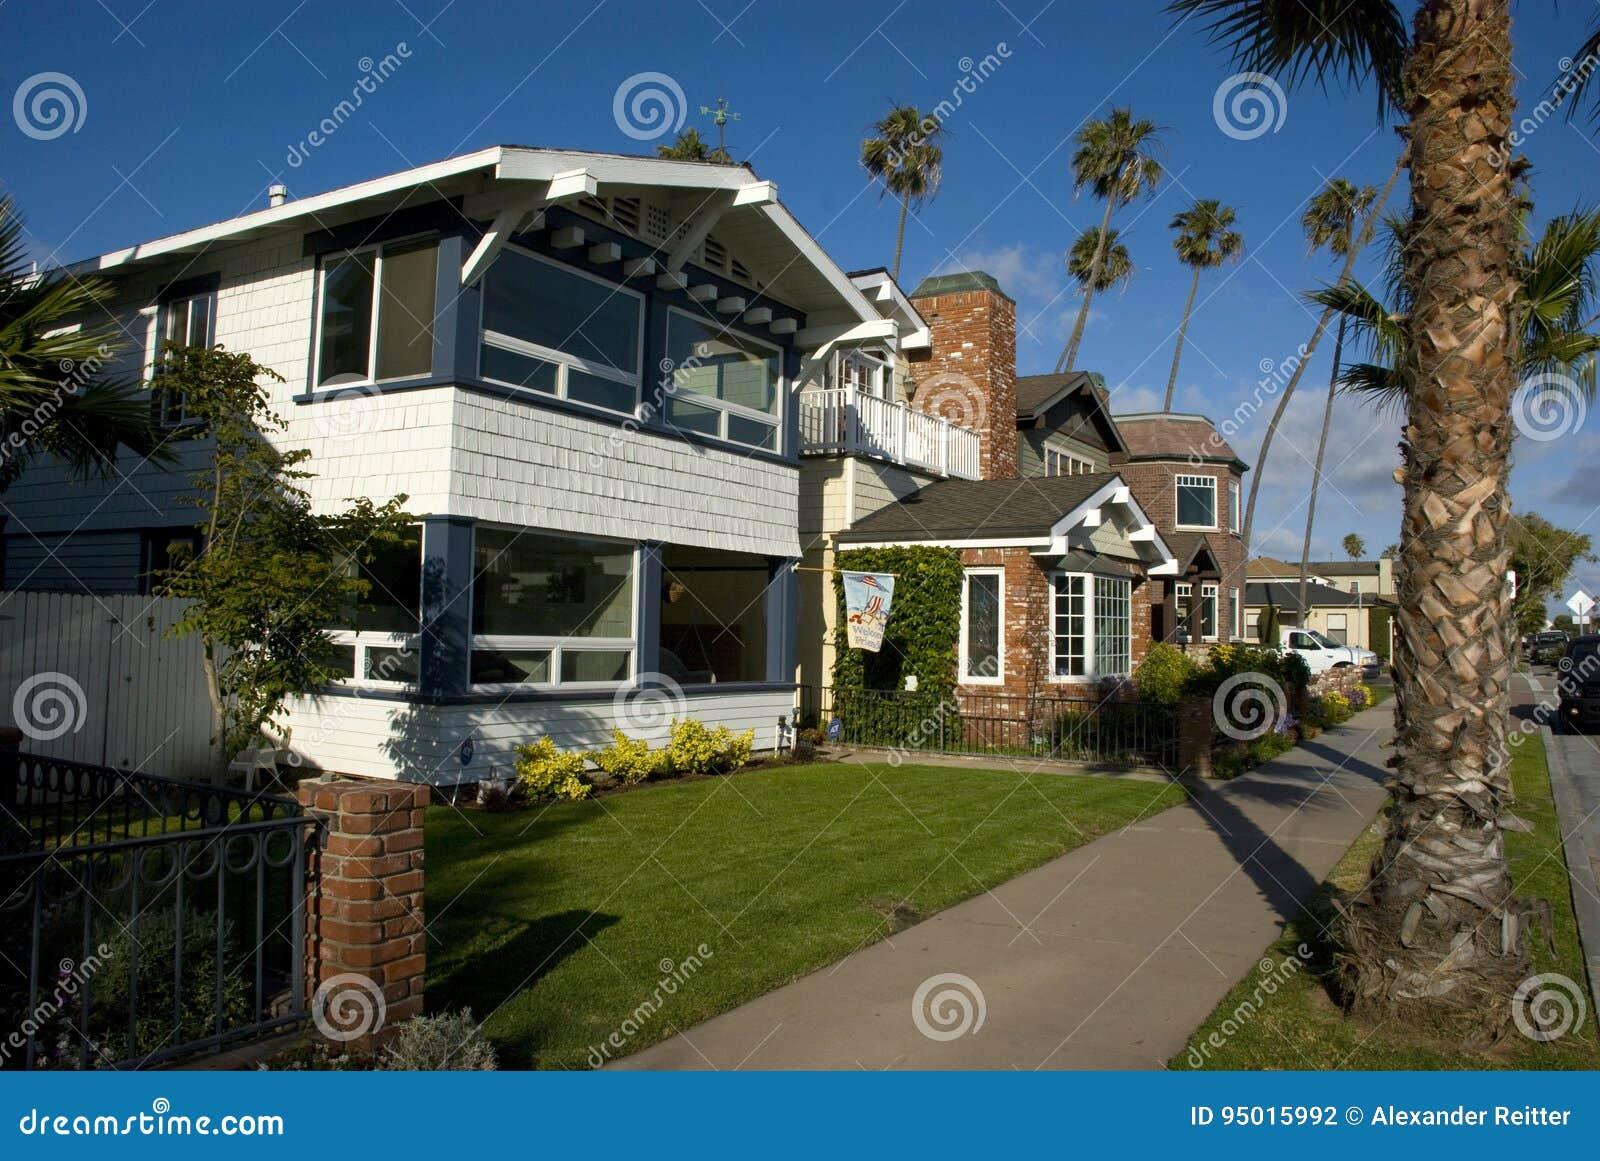 Le case americane classiche in guarnizione tirano la for Interno case americane